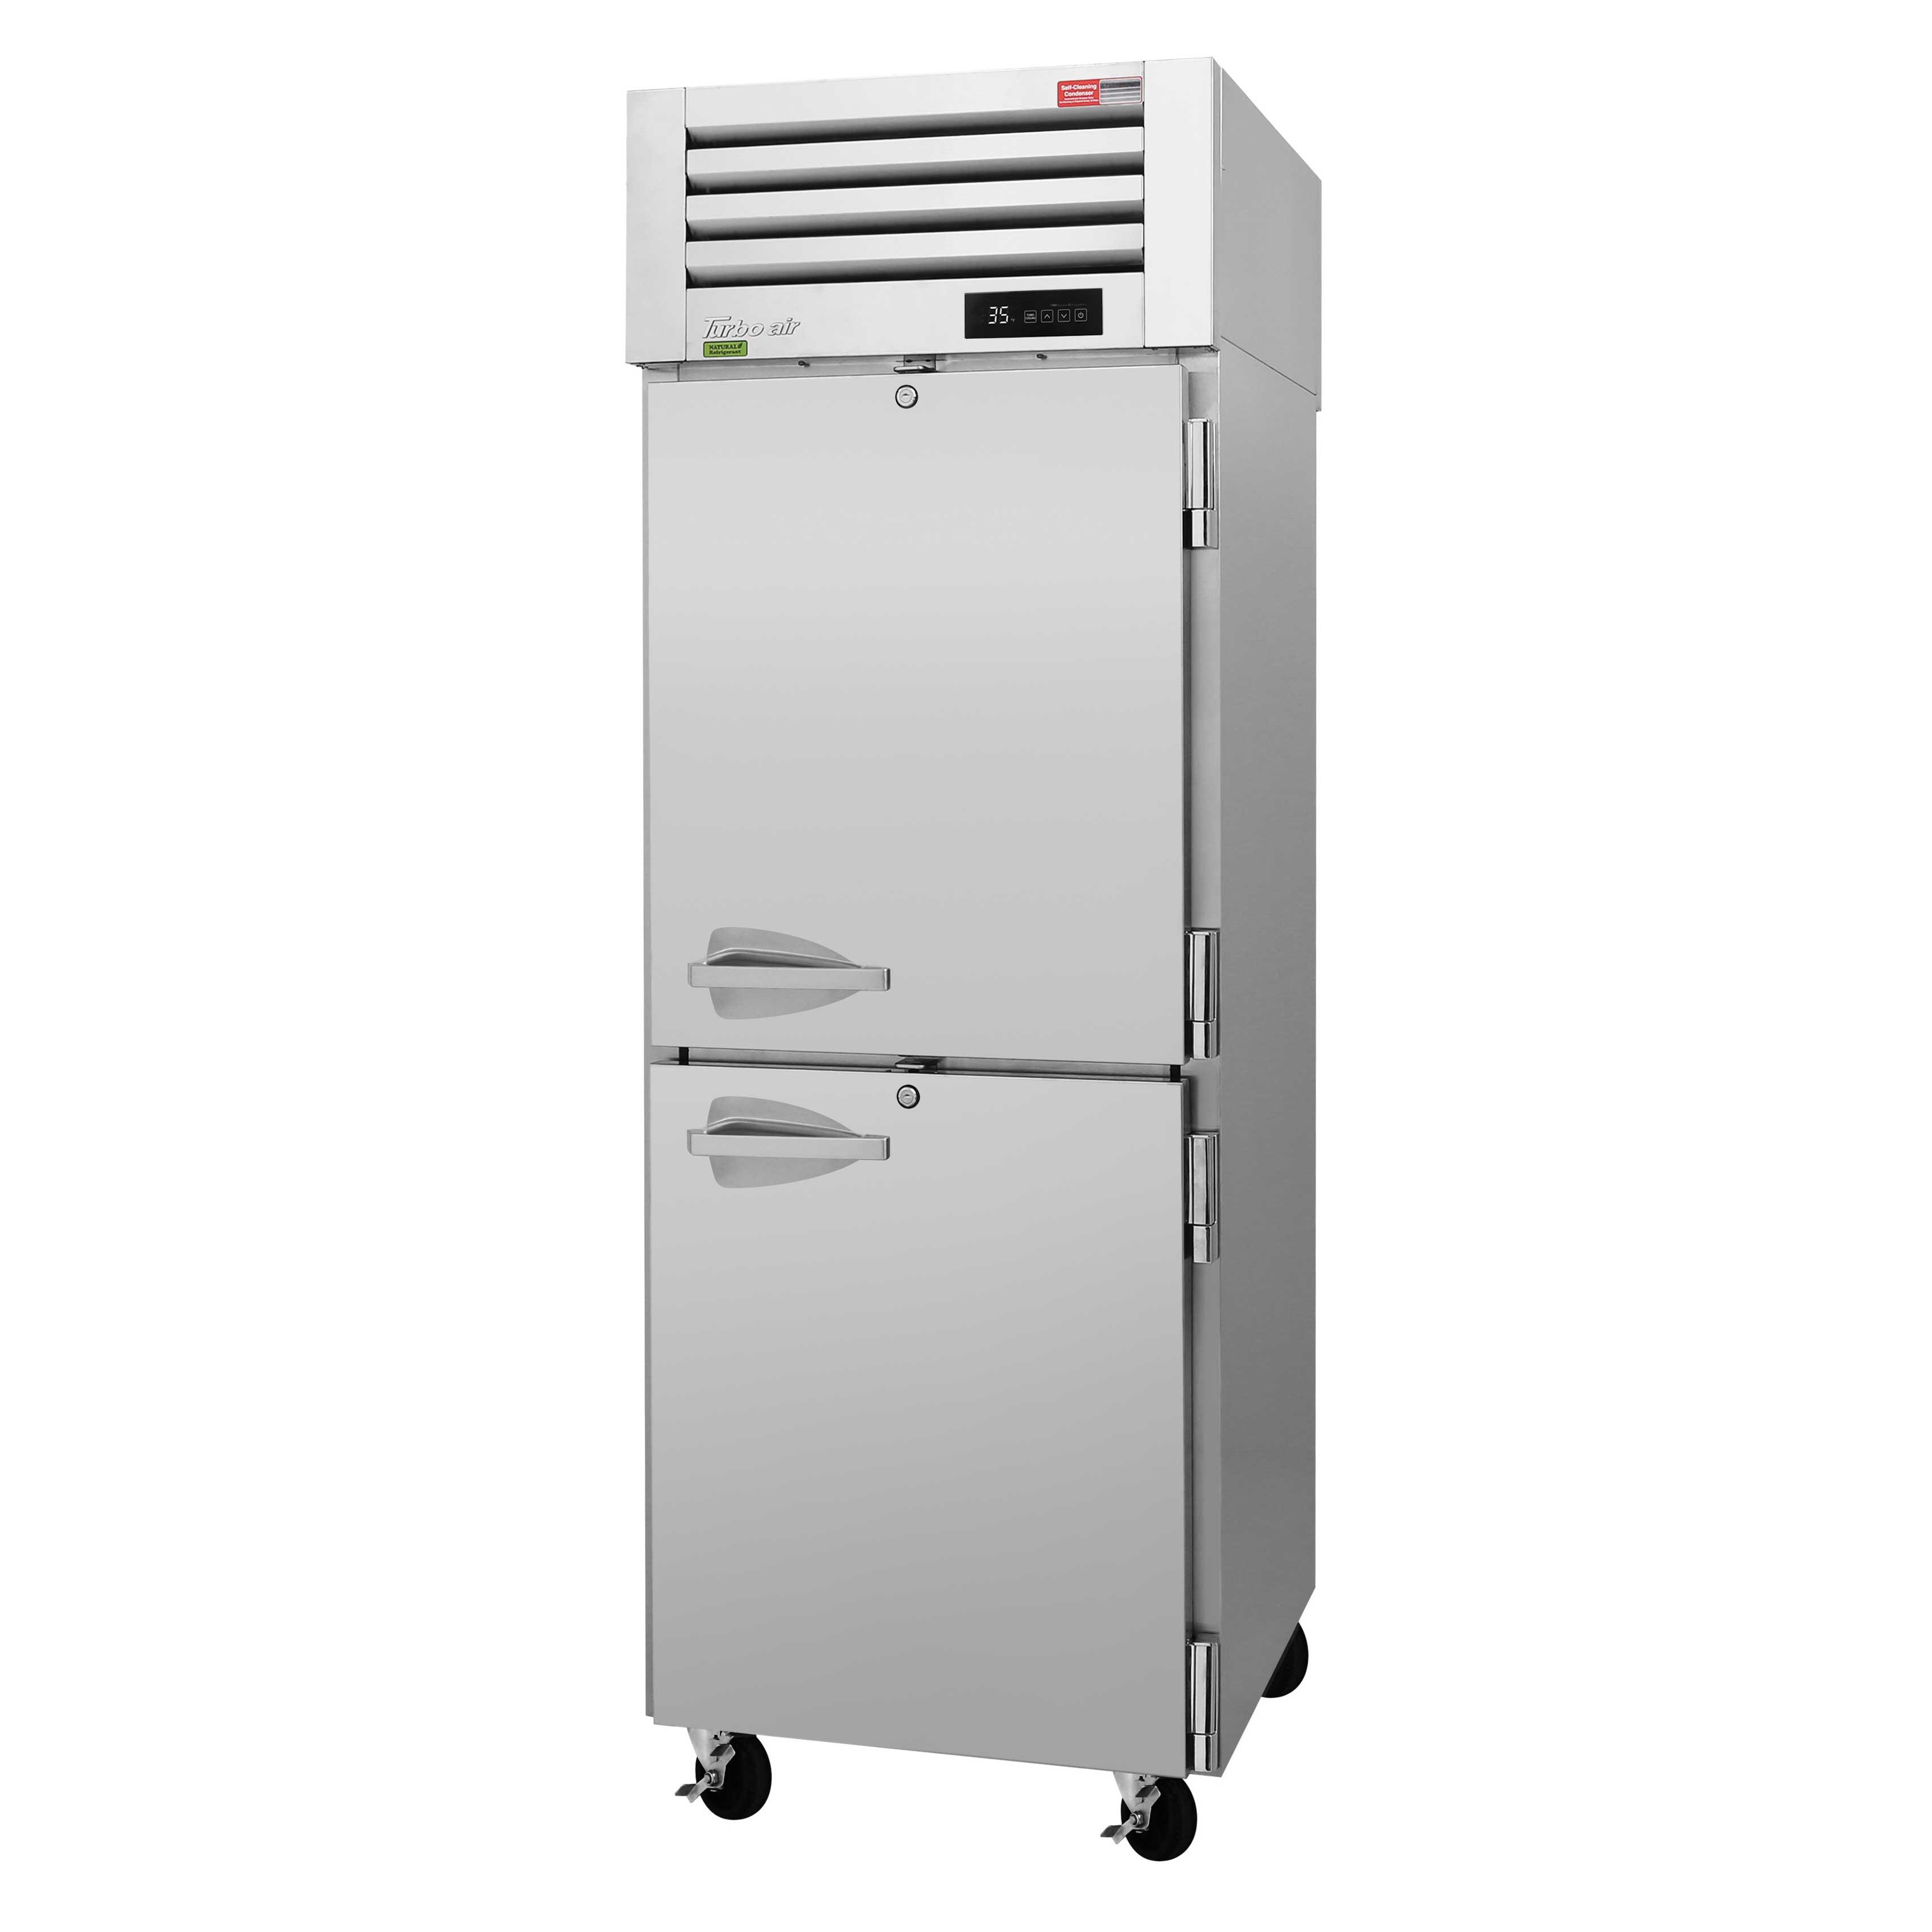 Turbo Air PRO-26-2R-N refrigerator, reach-in